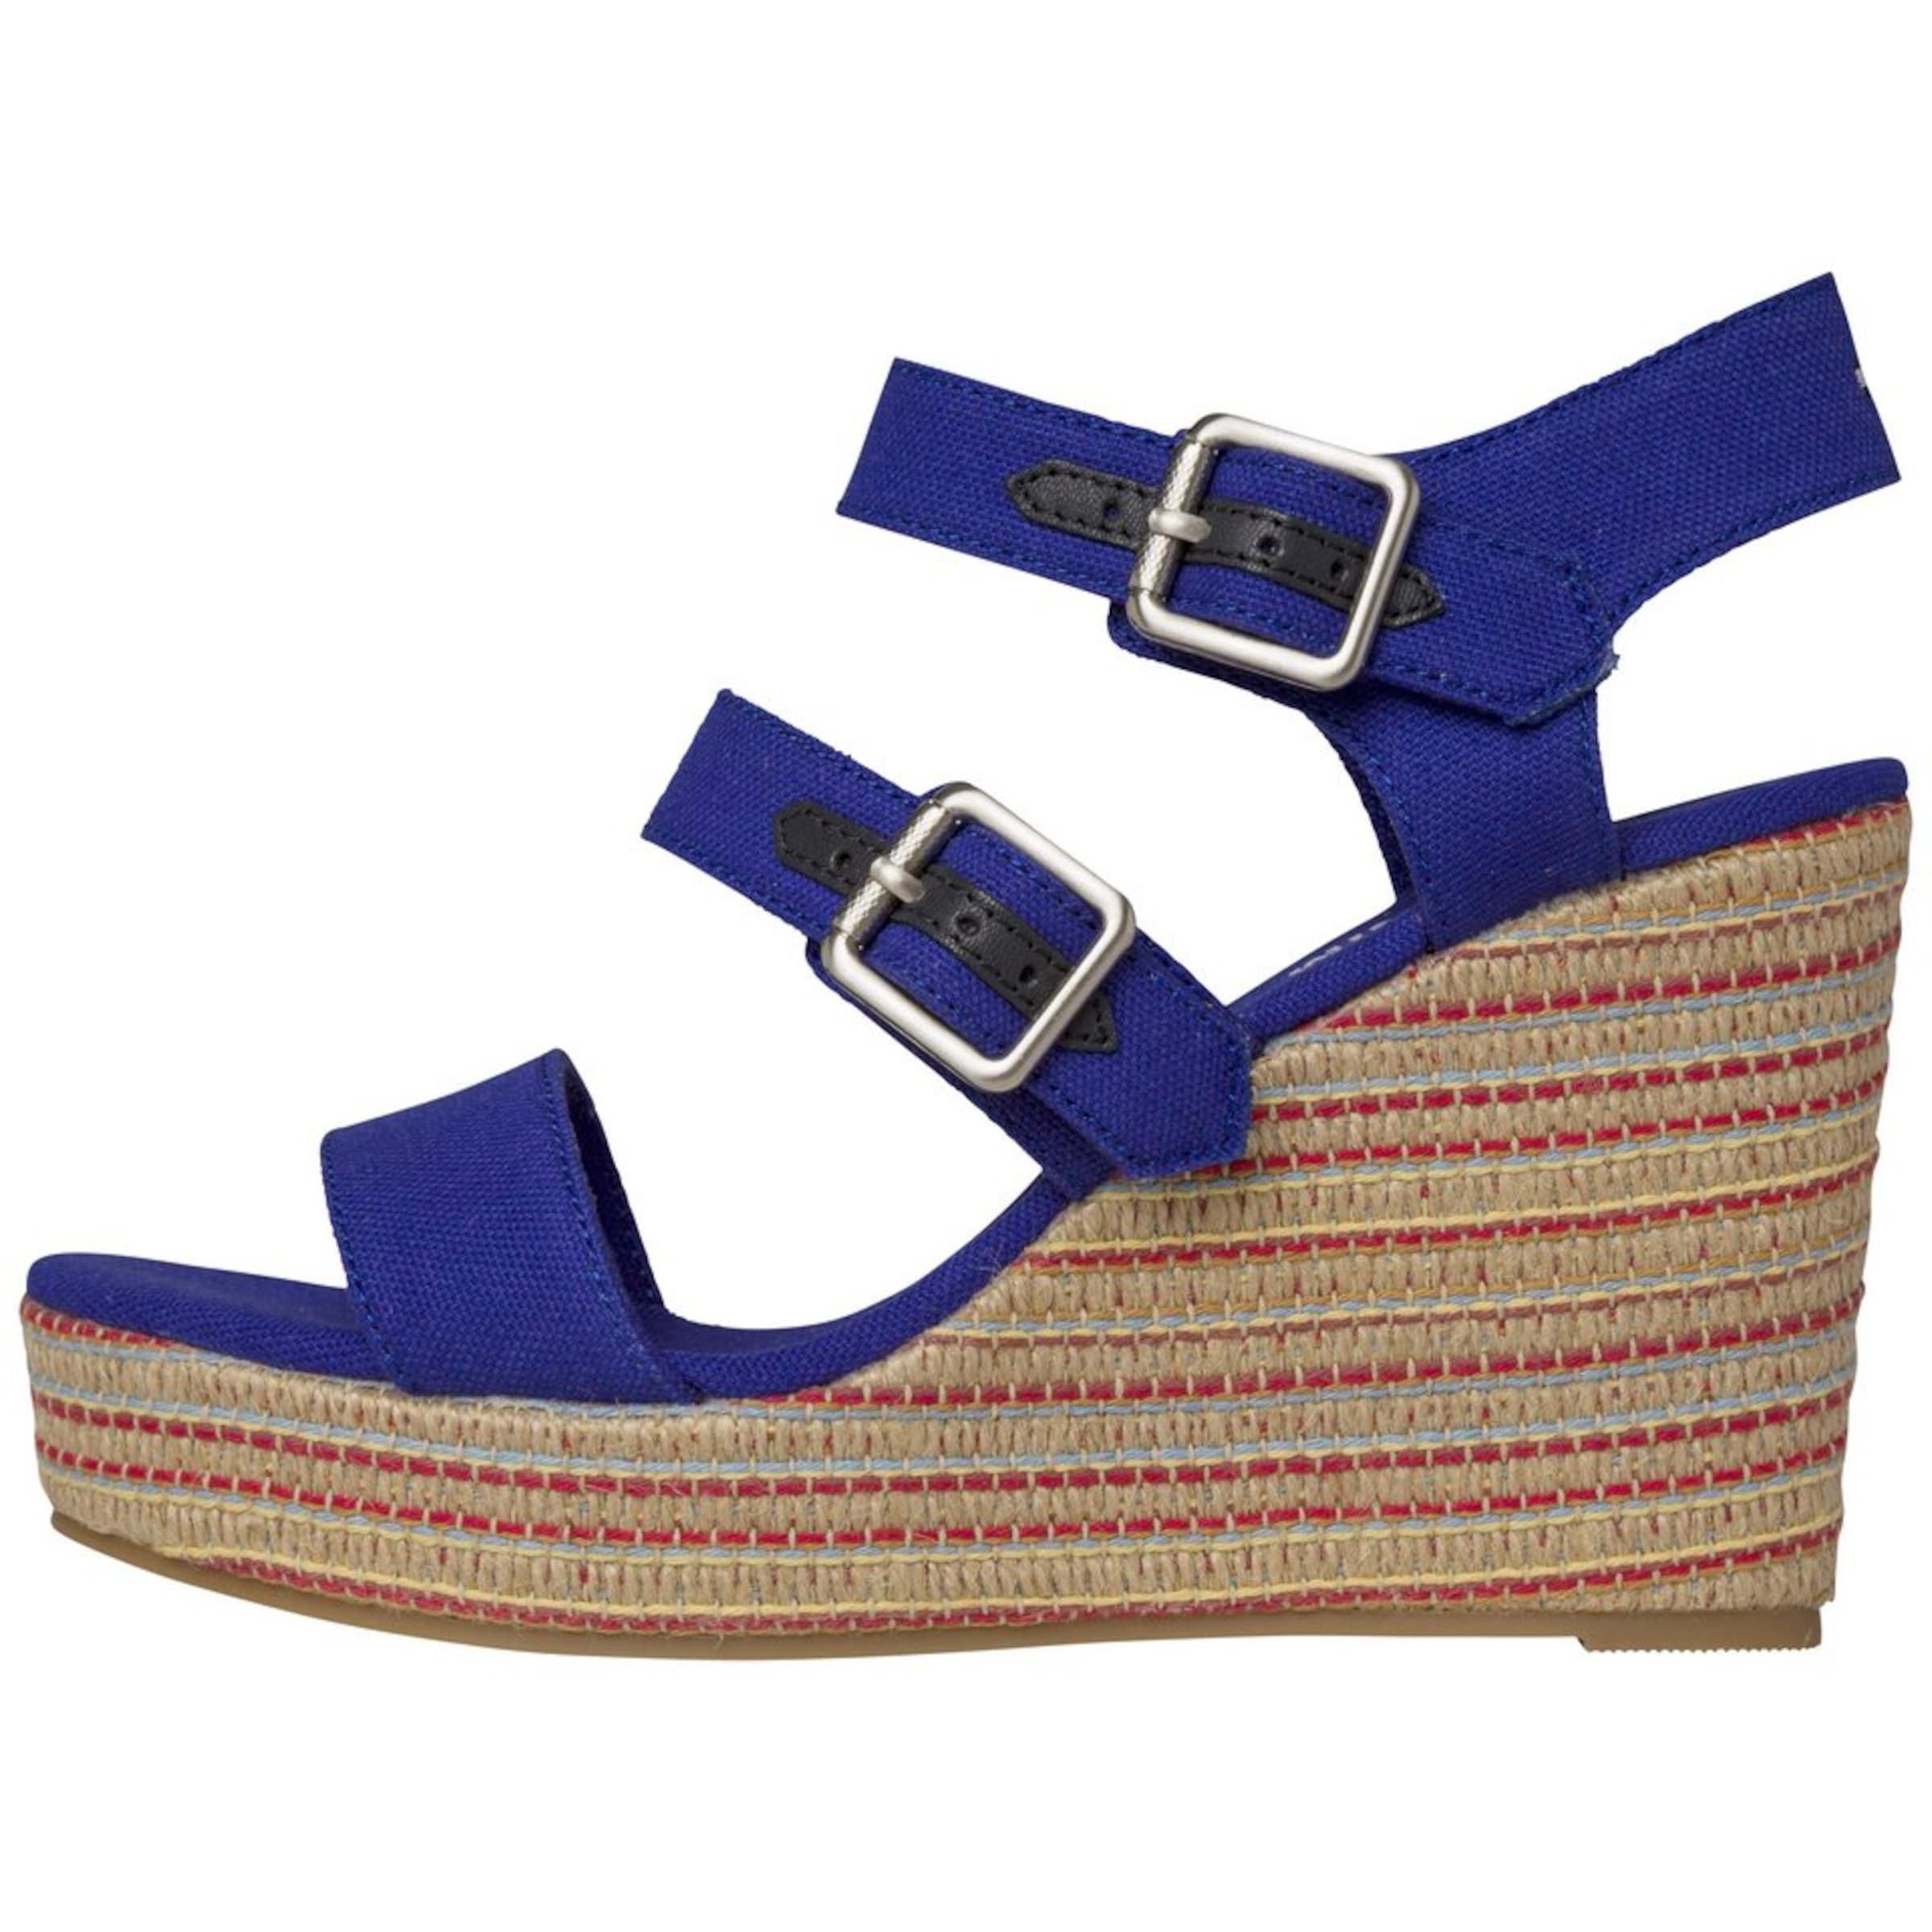 TOMMY HILFIGER | Sandale 'L1385UNA 'L1385UNA Sandale 3D1' Schuhe Gut getragene Schuhe 51cf53